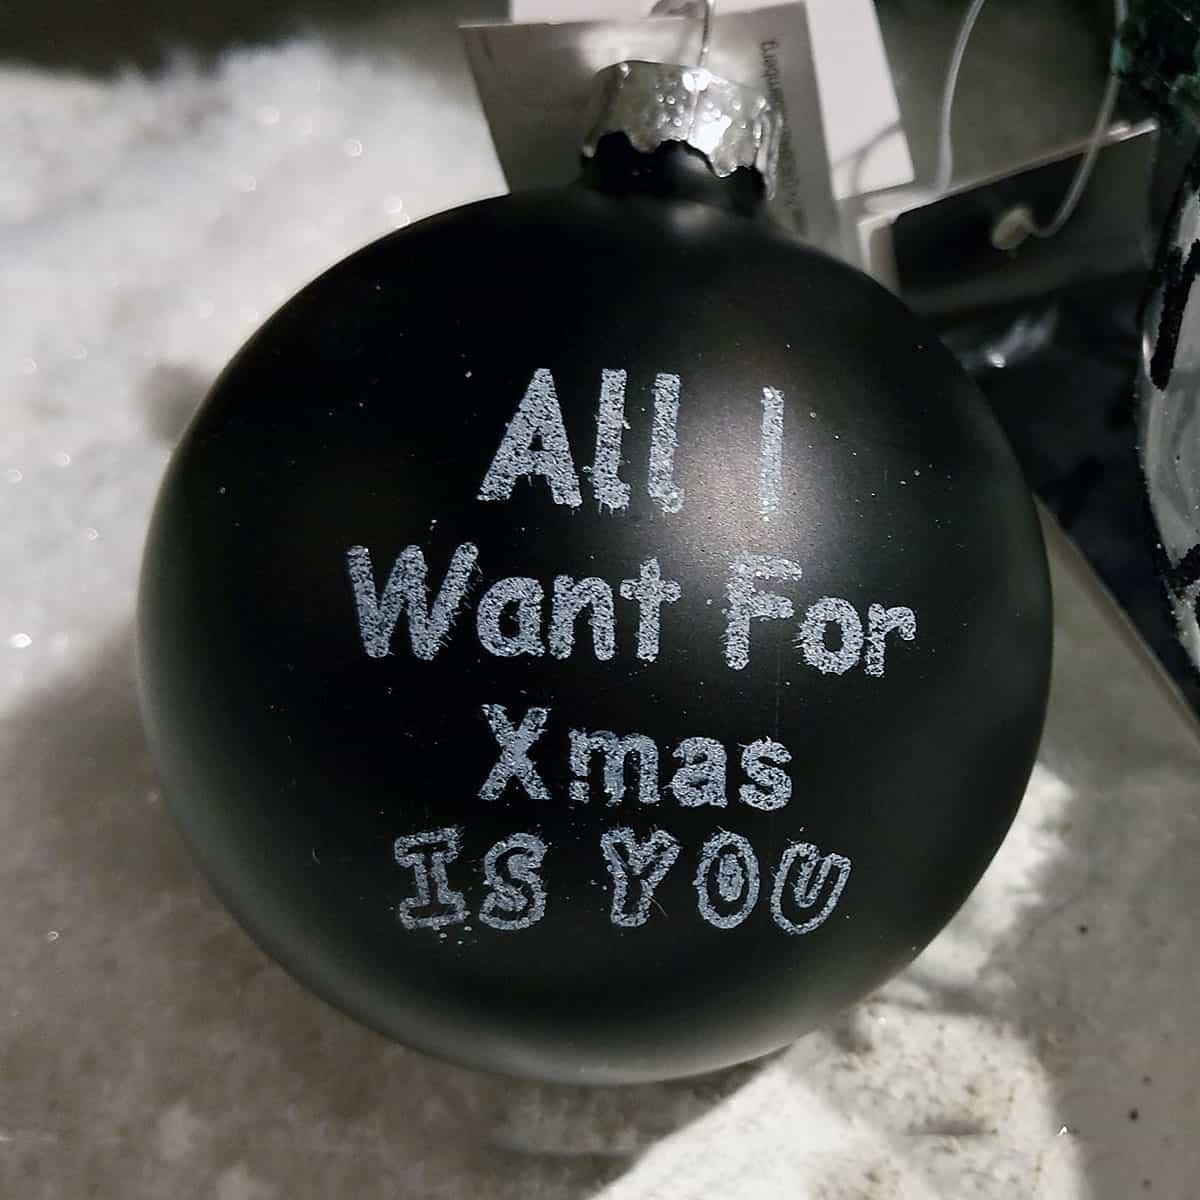 Schwarz Weiße Christbaumkugeln.Jetzt Weihnachtskugeln Schwarz Entdecken Und Online Bestellen